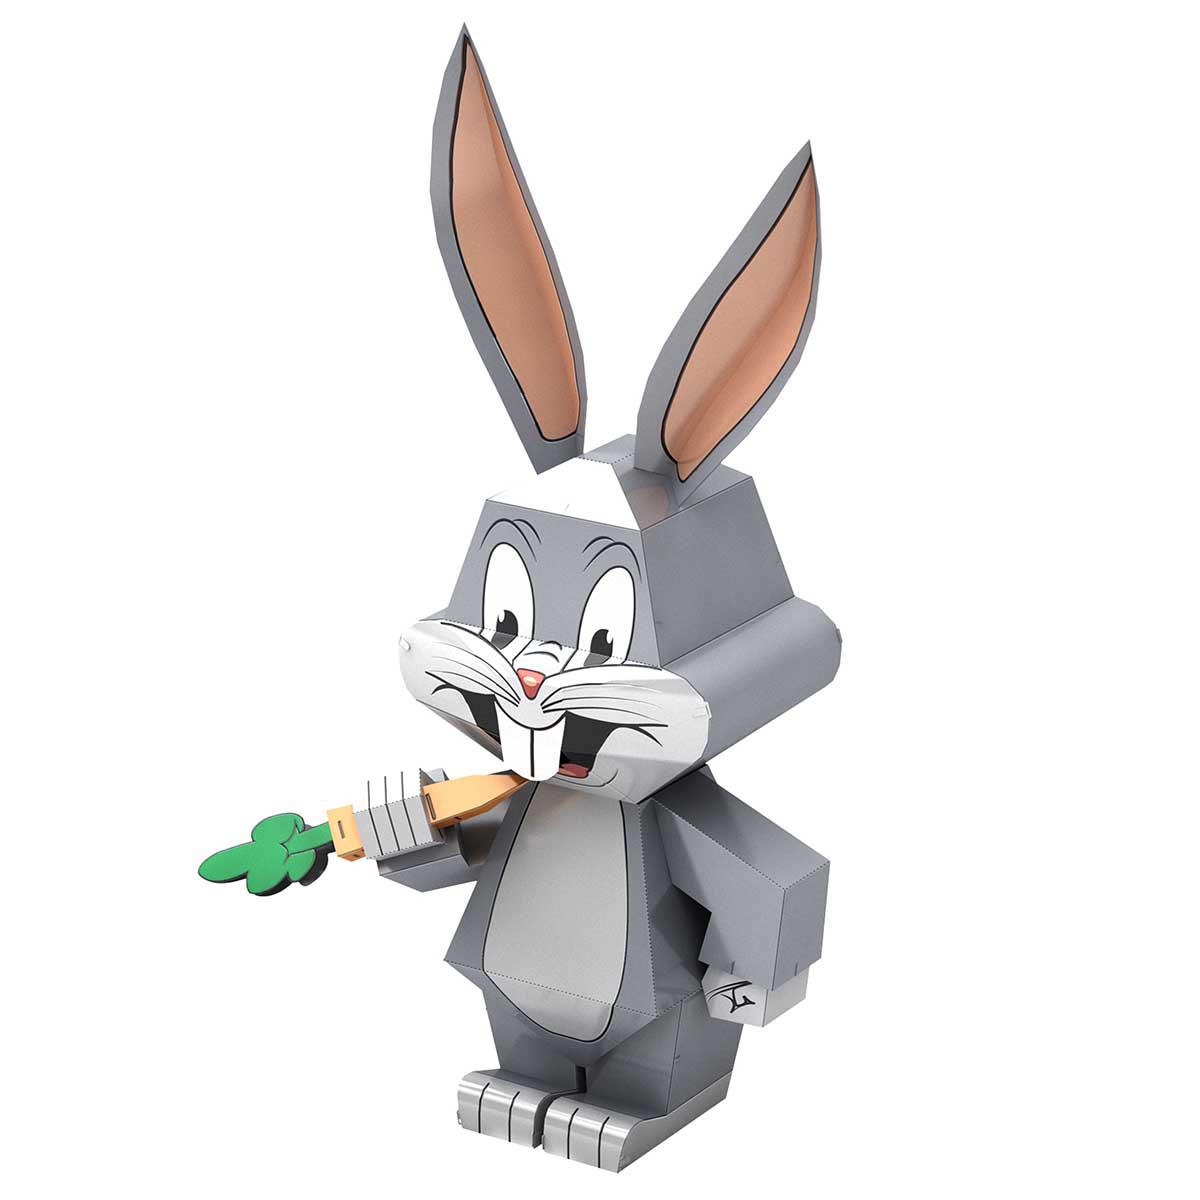 Bugs Bunny Cartoons Metal Puzzles